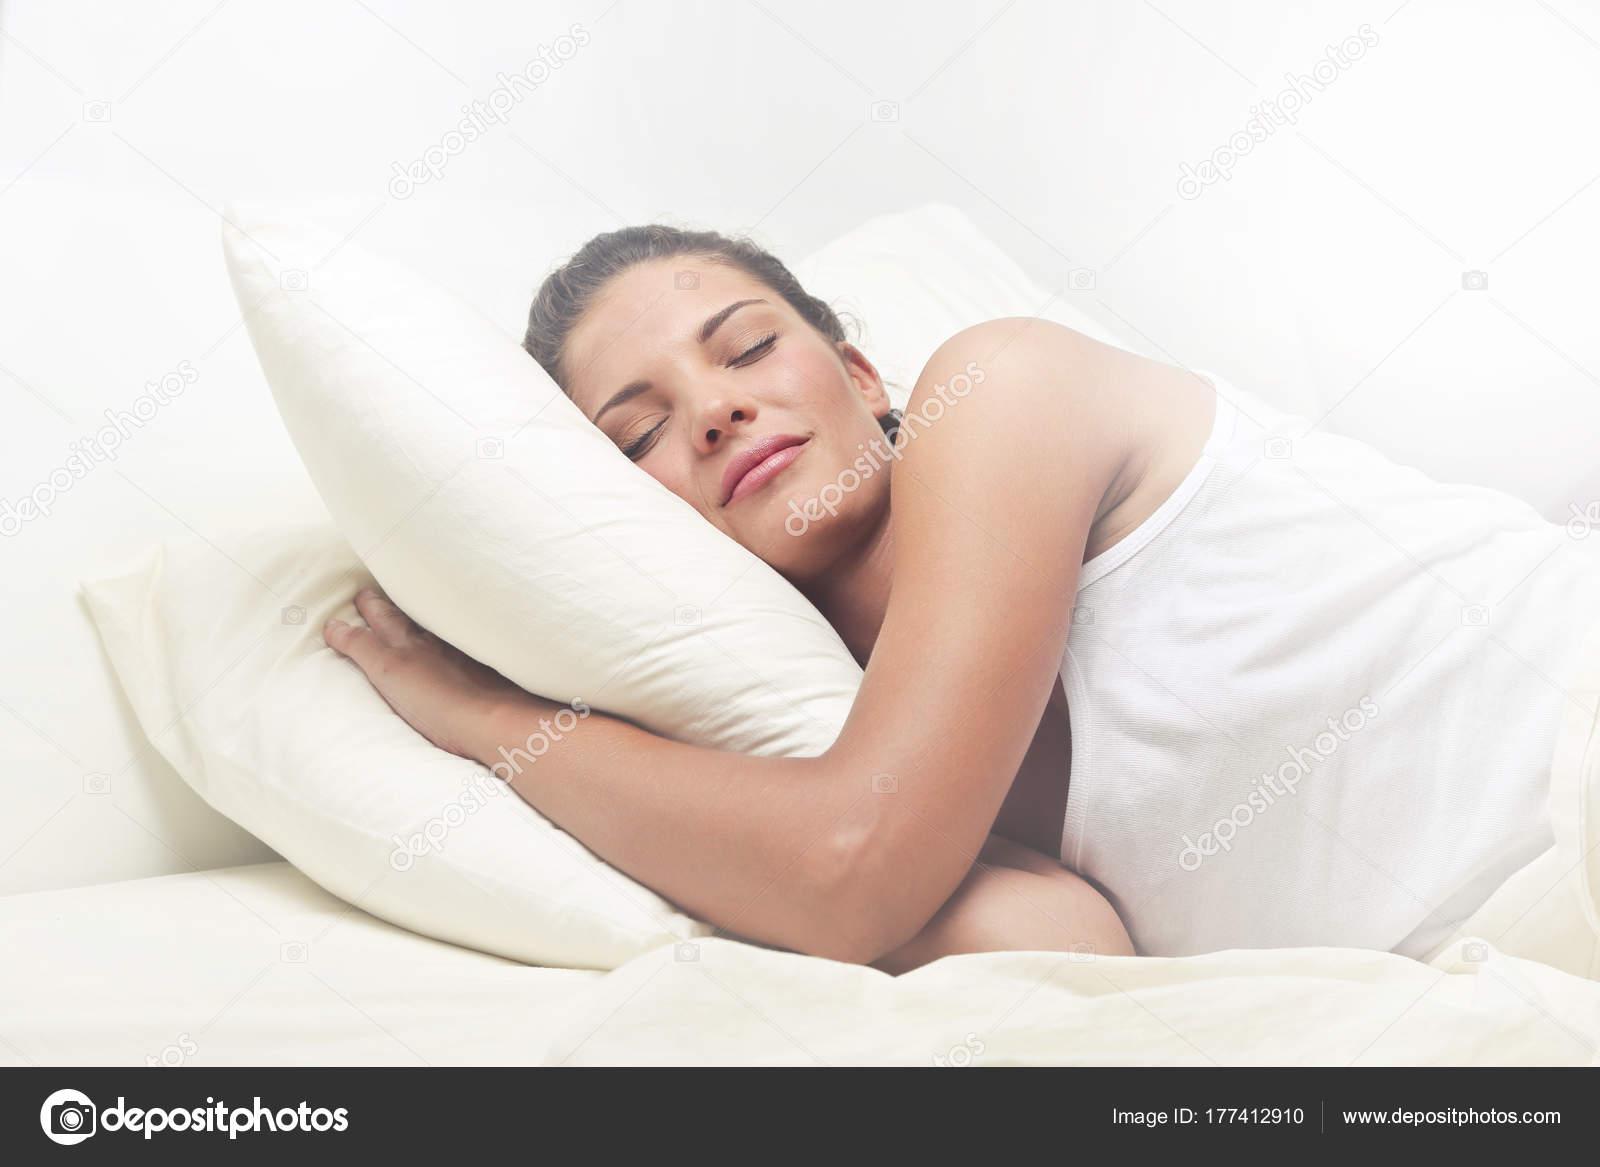 Dormire Con Due Cuscini.Girl Sleeping Bed Two Pillows Stock Photo C Olly18 177412910